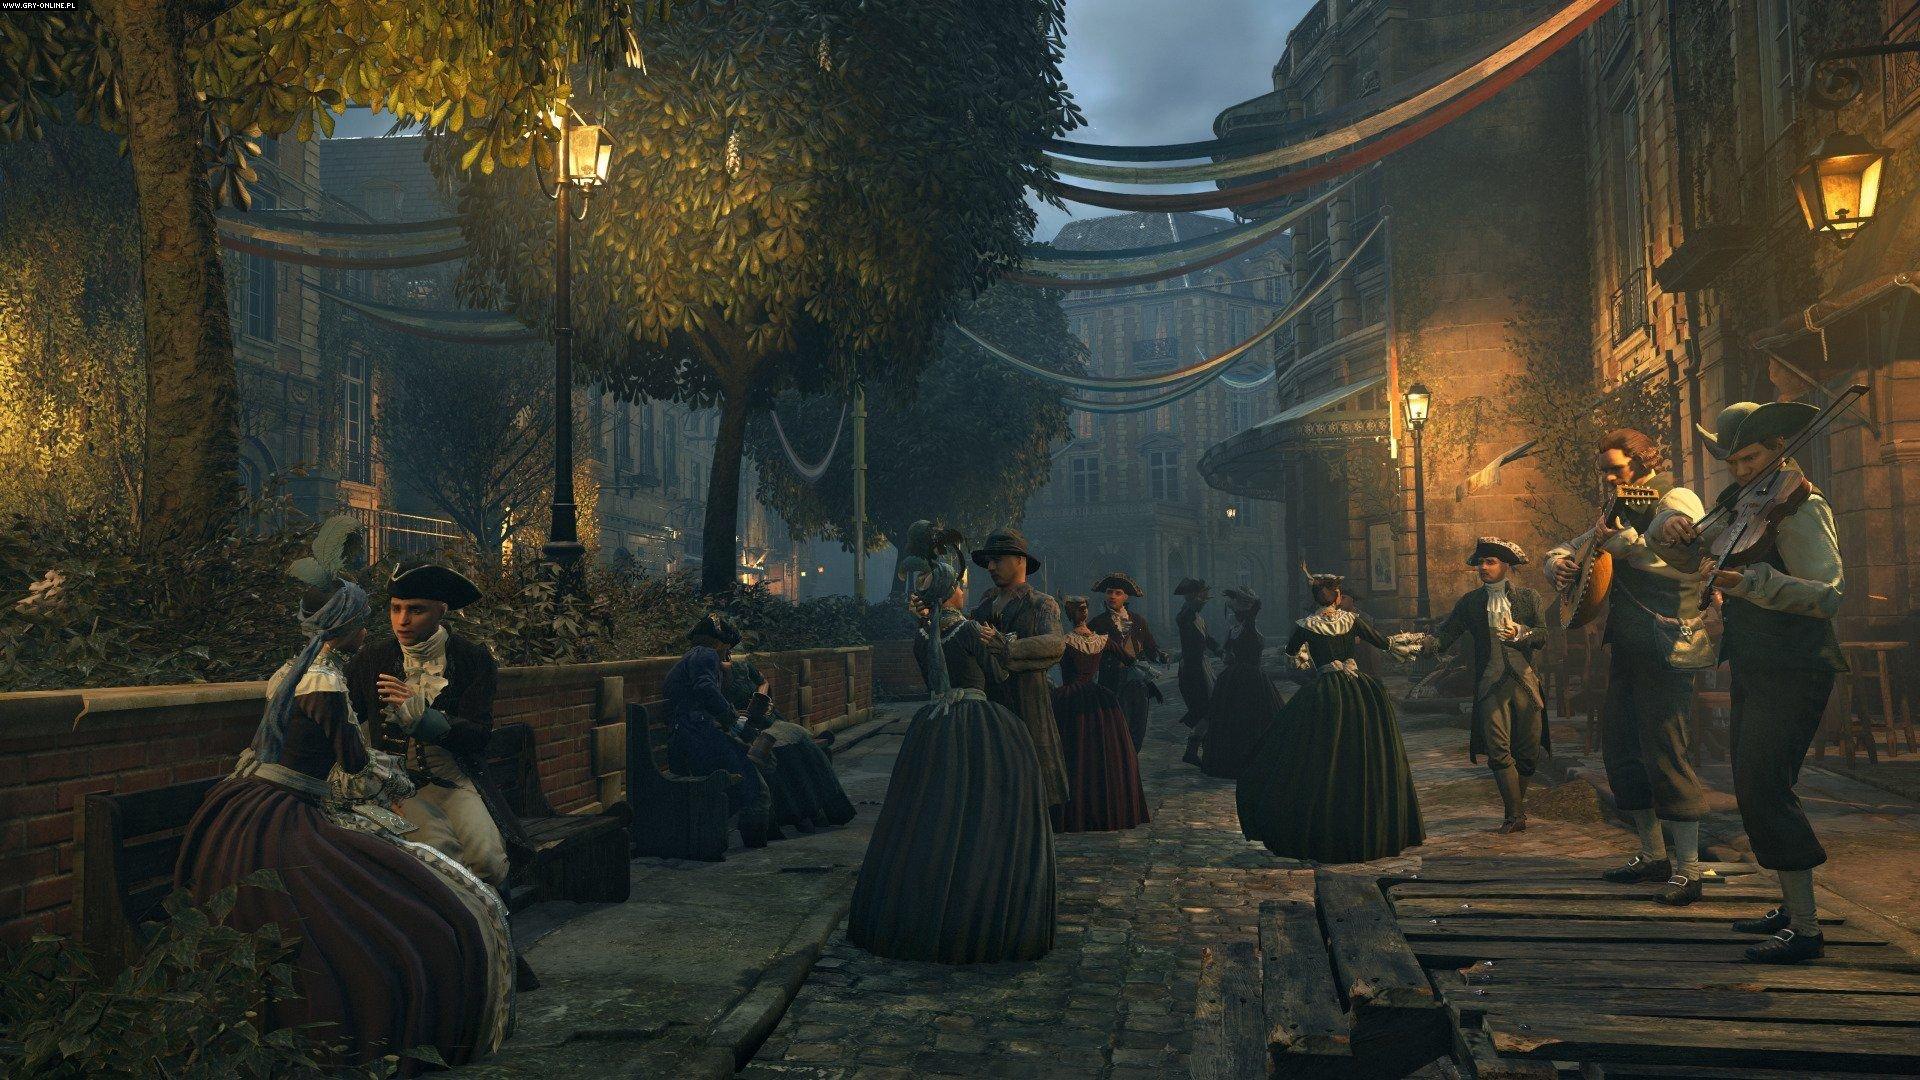 刺客信条:大革命(Assassins Creed: Unity)免安装繁体中文绿色版 DLC